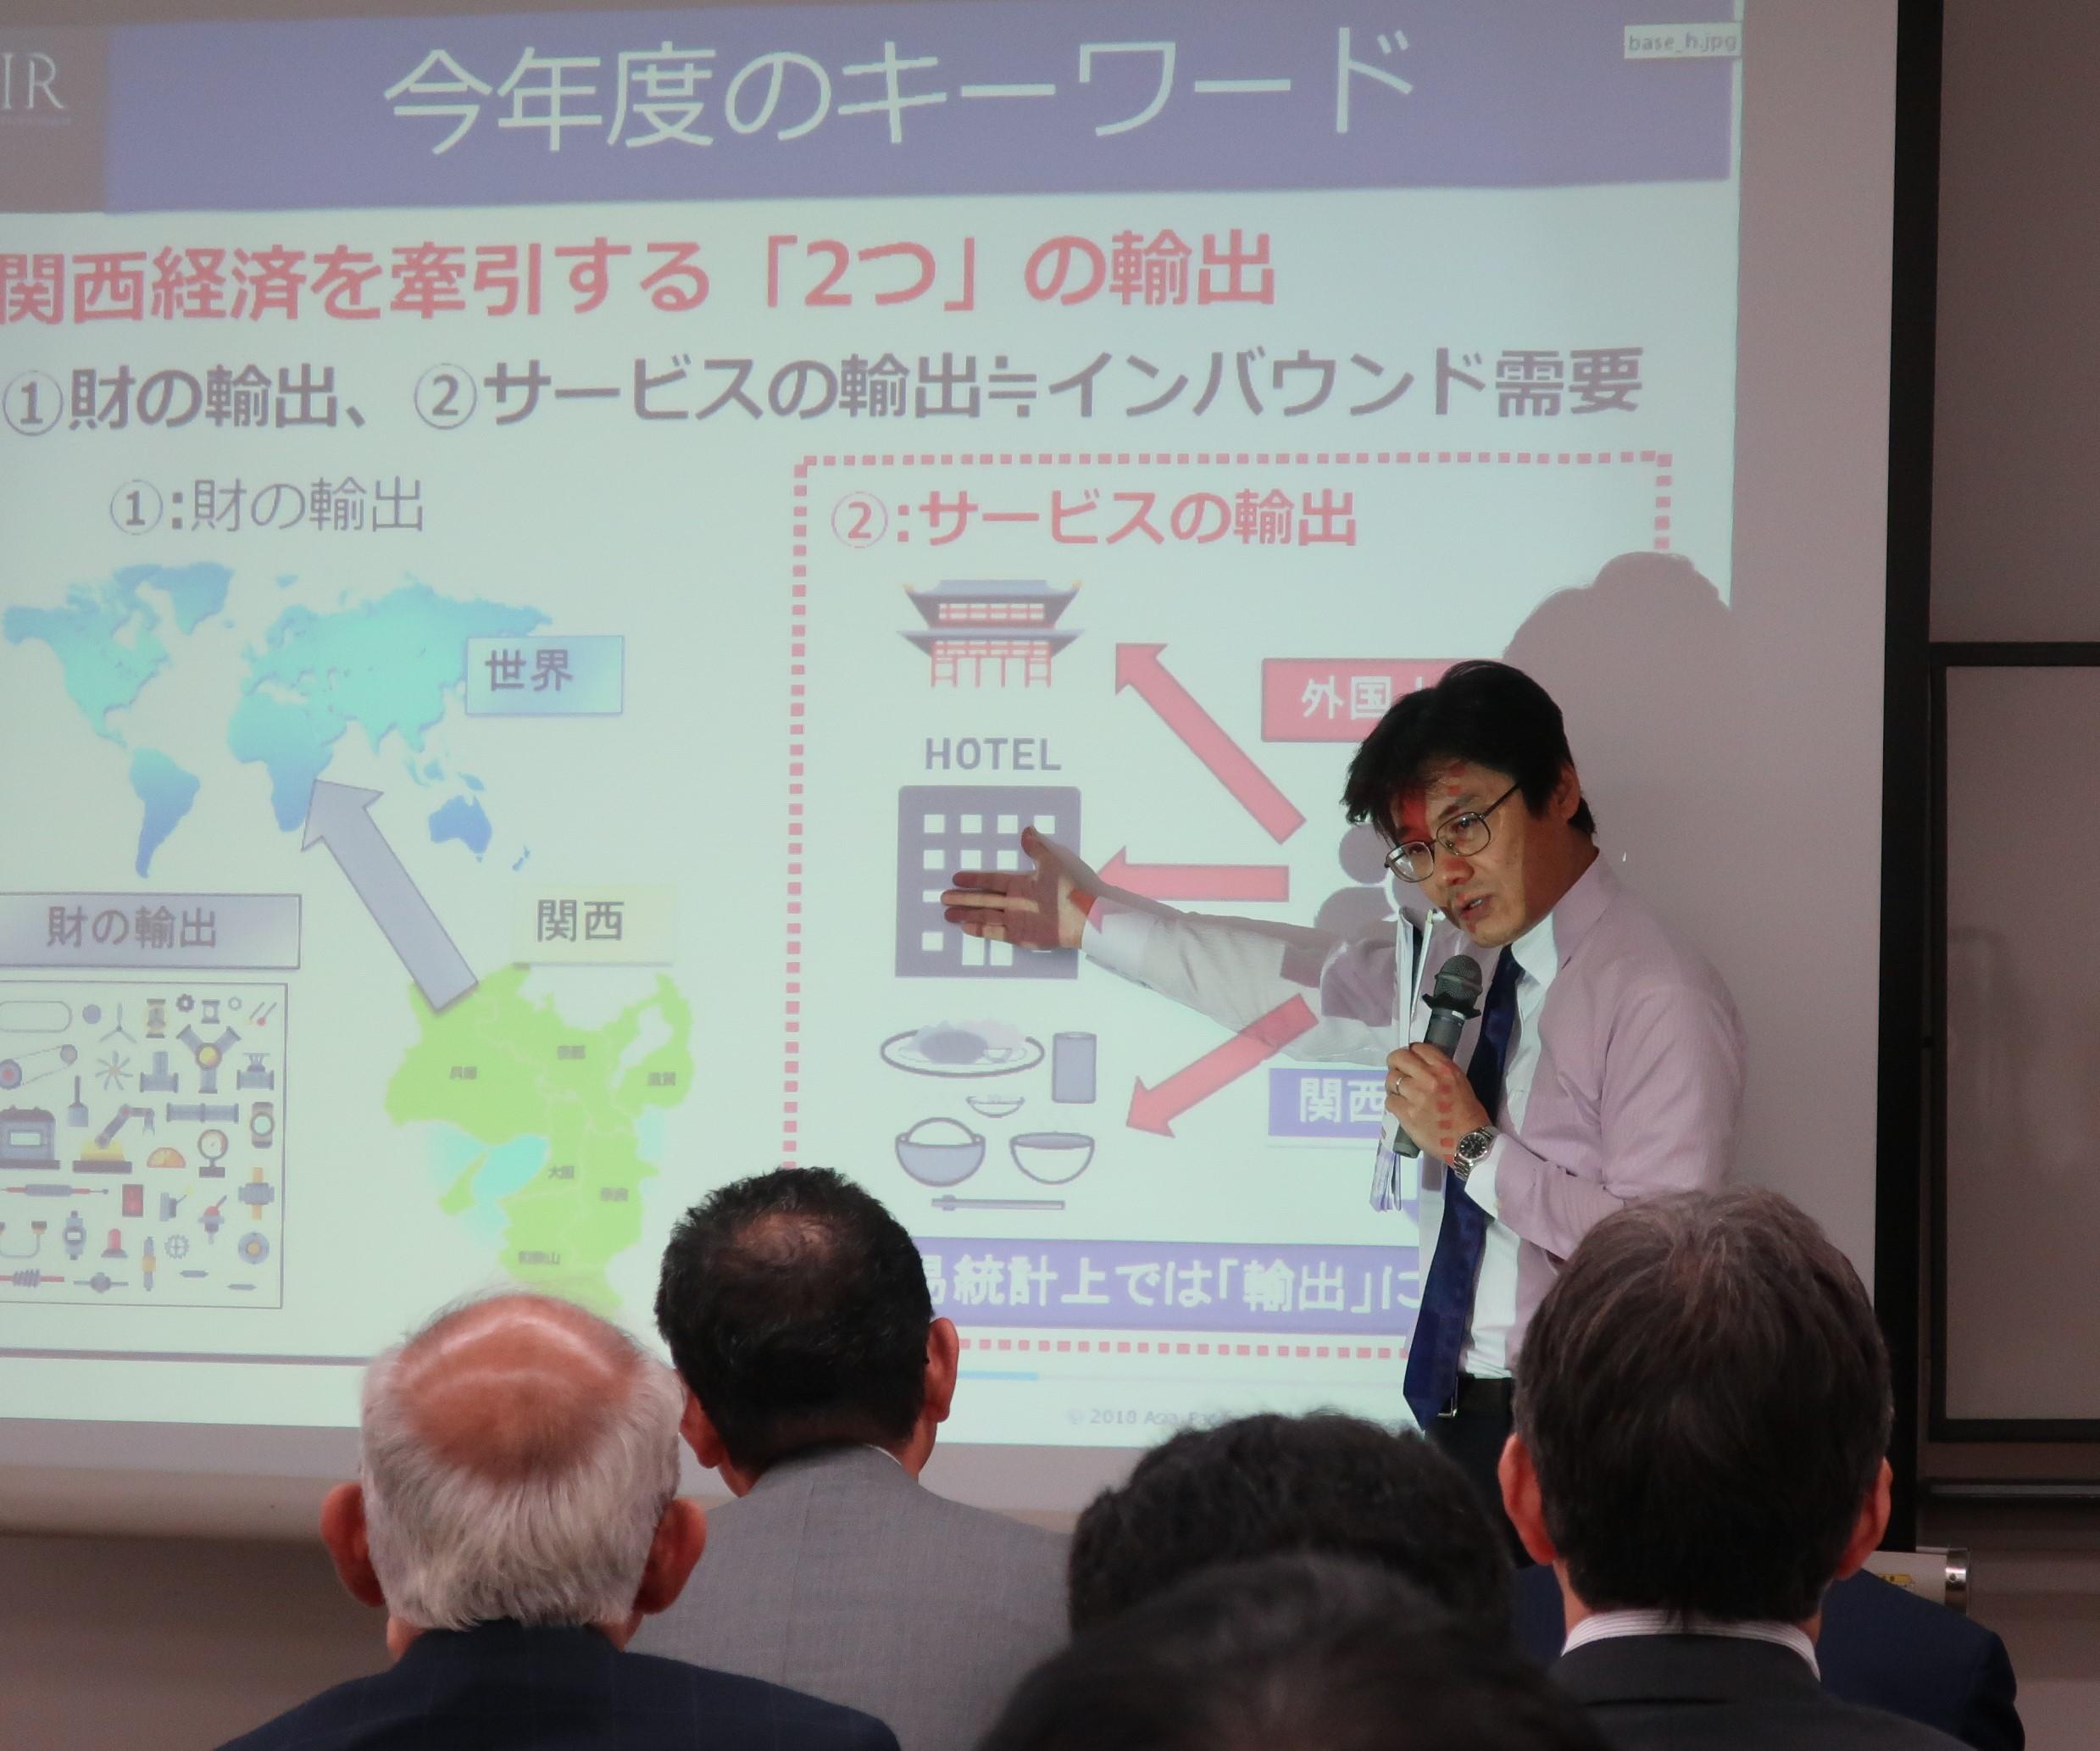 神戸にて関西経済白書発表会を初開催